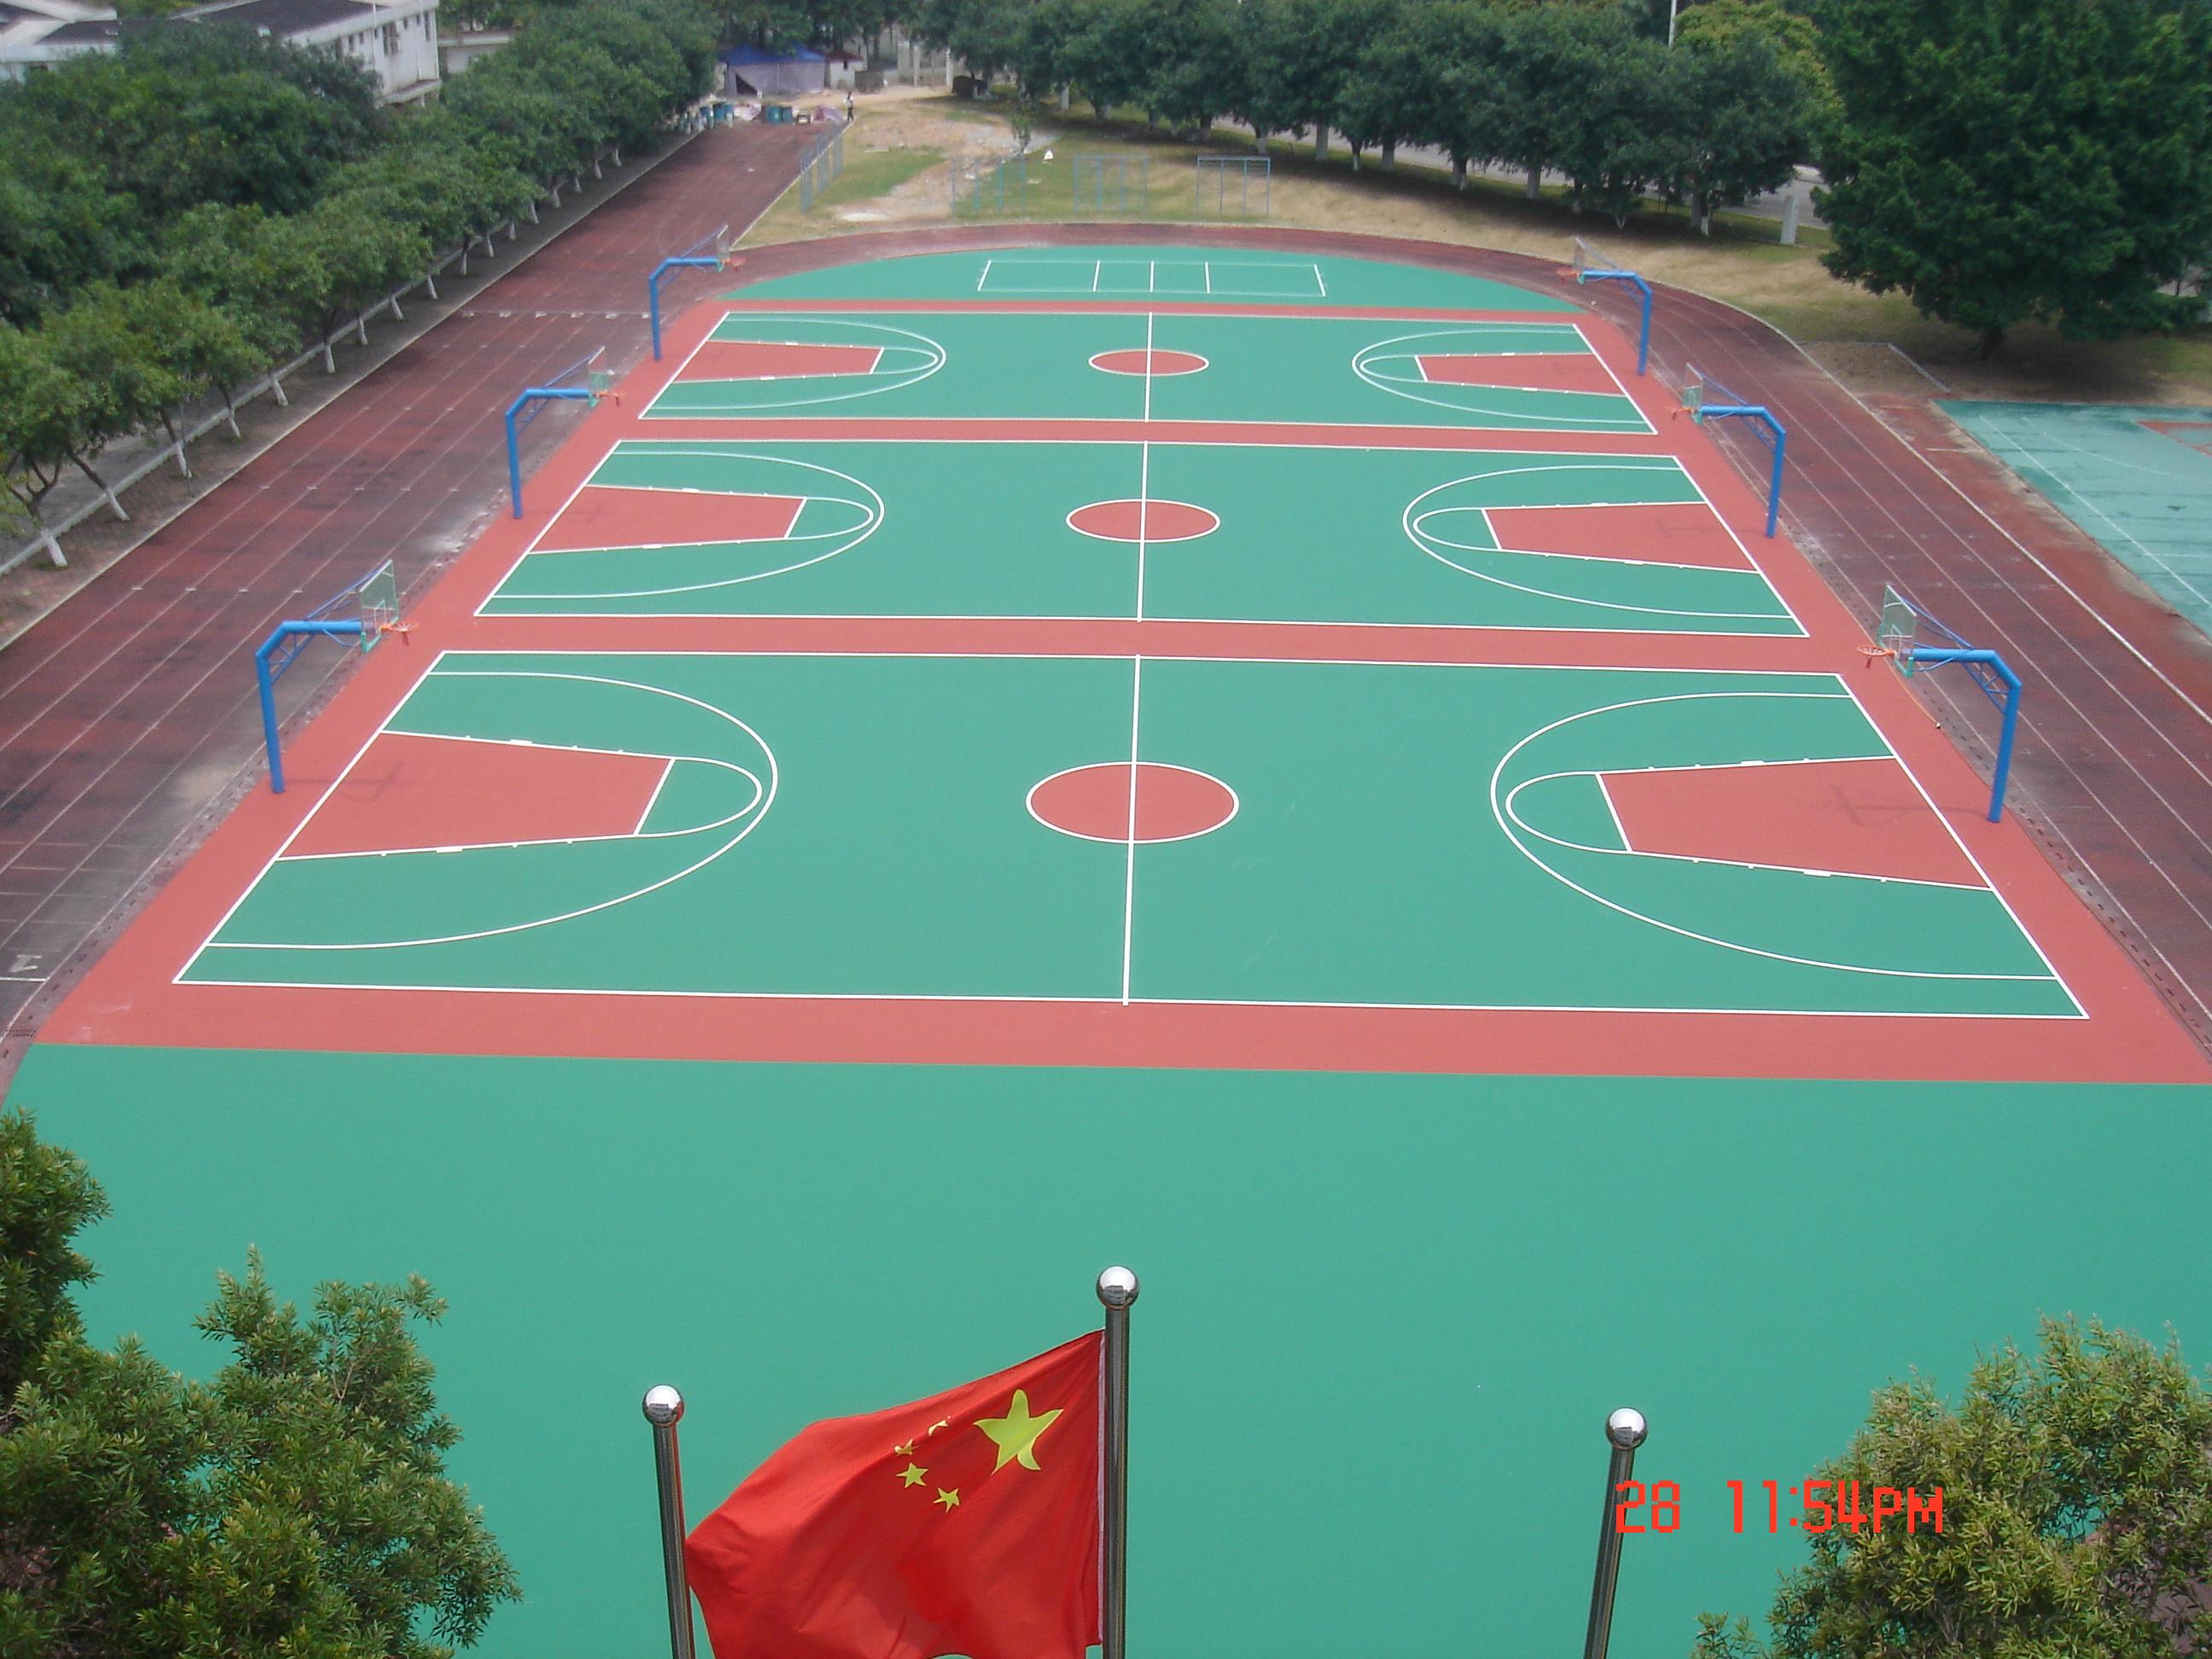 宁德市塑胶篮球场厂家-宁德硅pu篮球场工程公司-机电